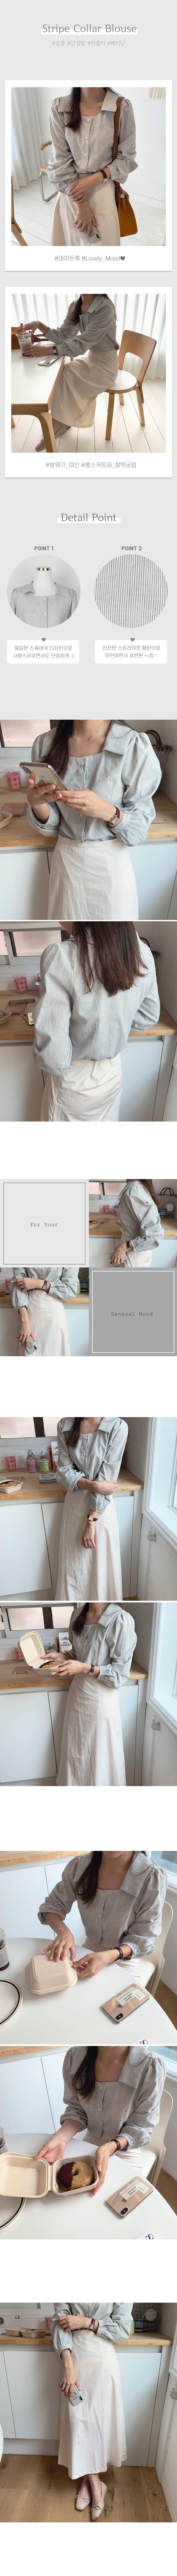 Stripe Karla blouse _H